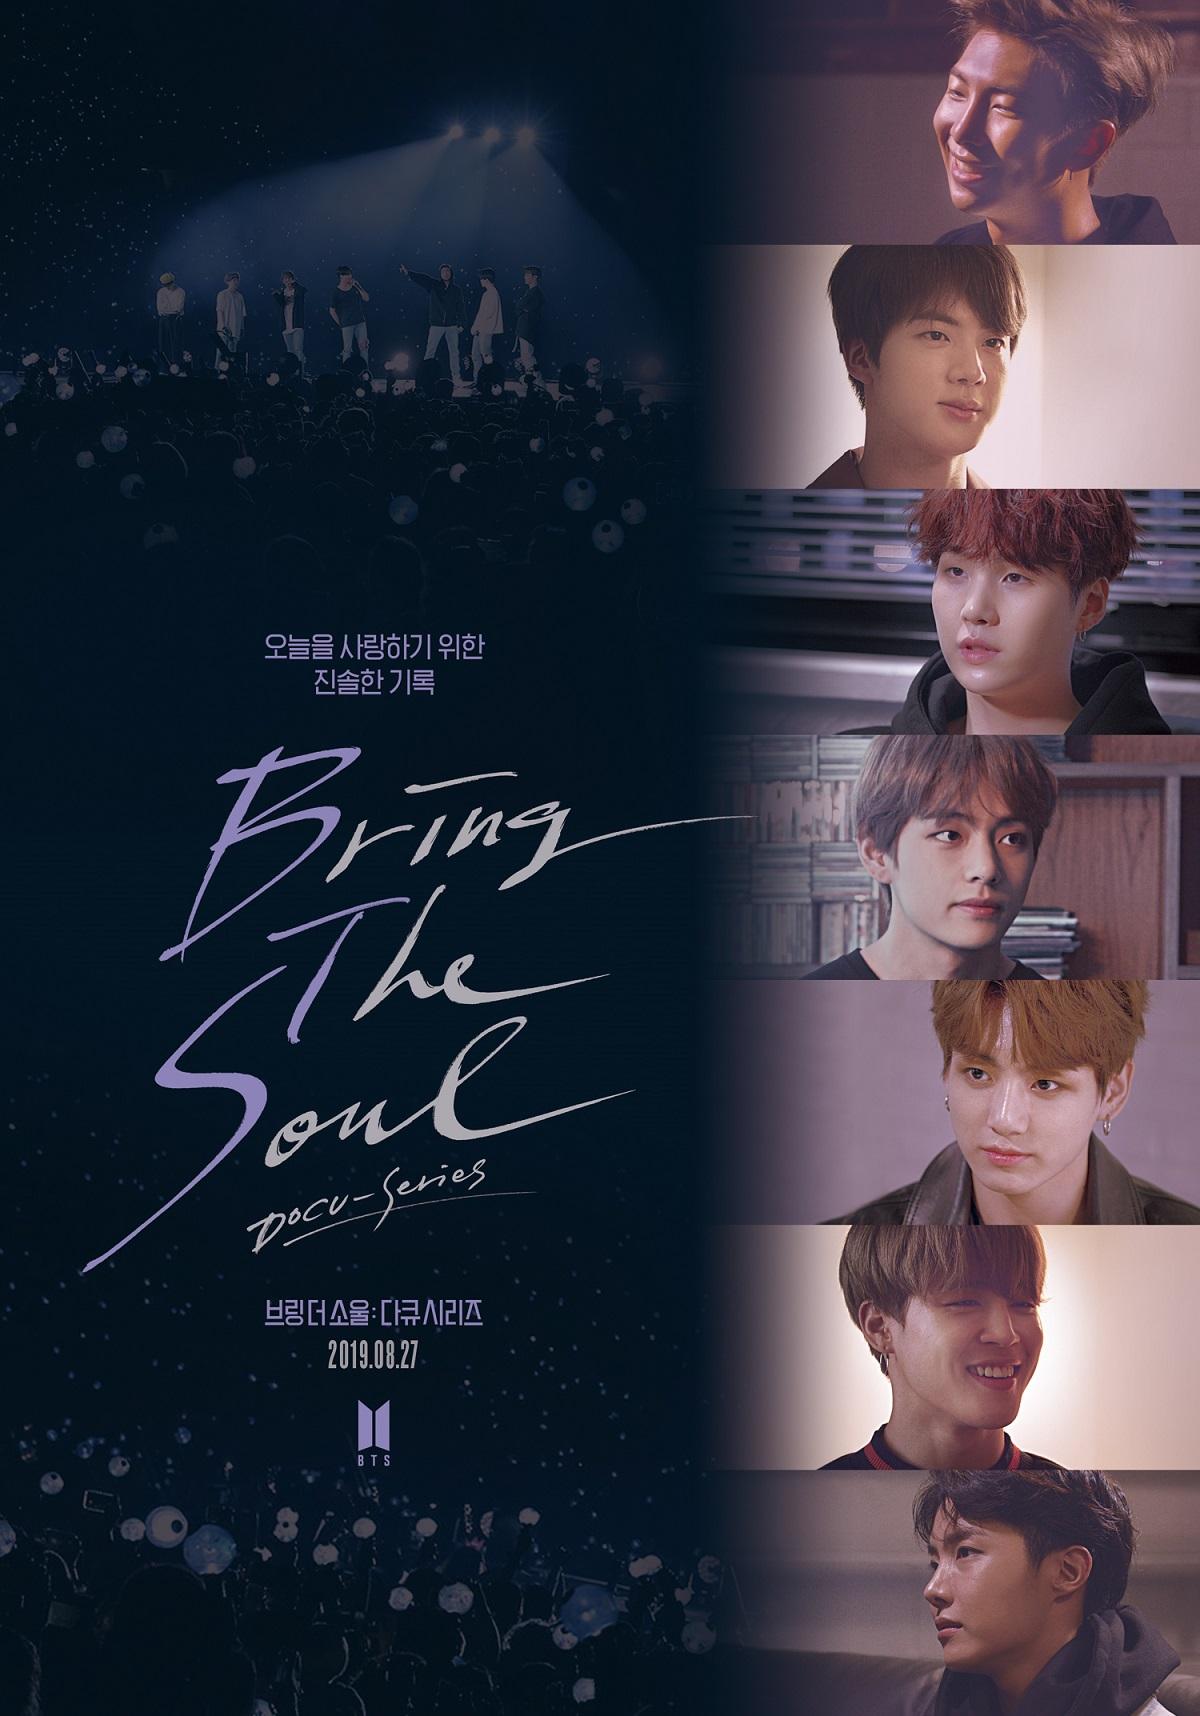 방탄소년단_브링 더 소울 다큐 시리즈_포스터.jpg